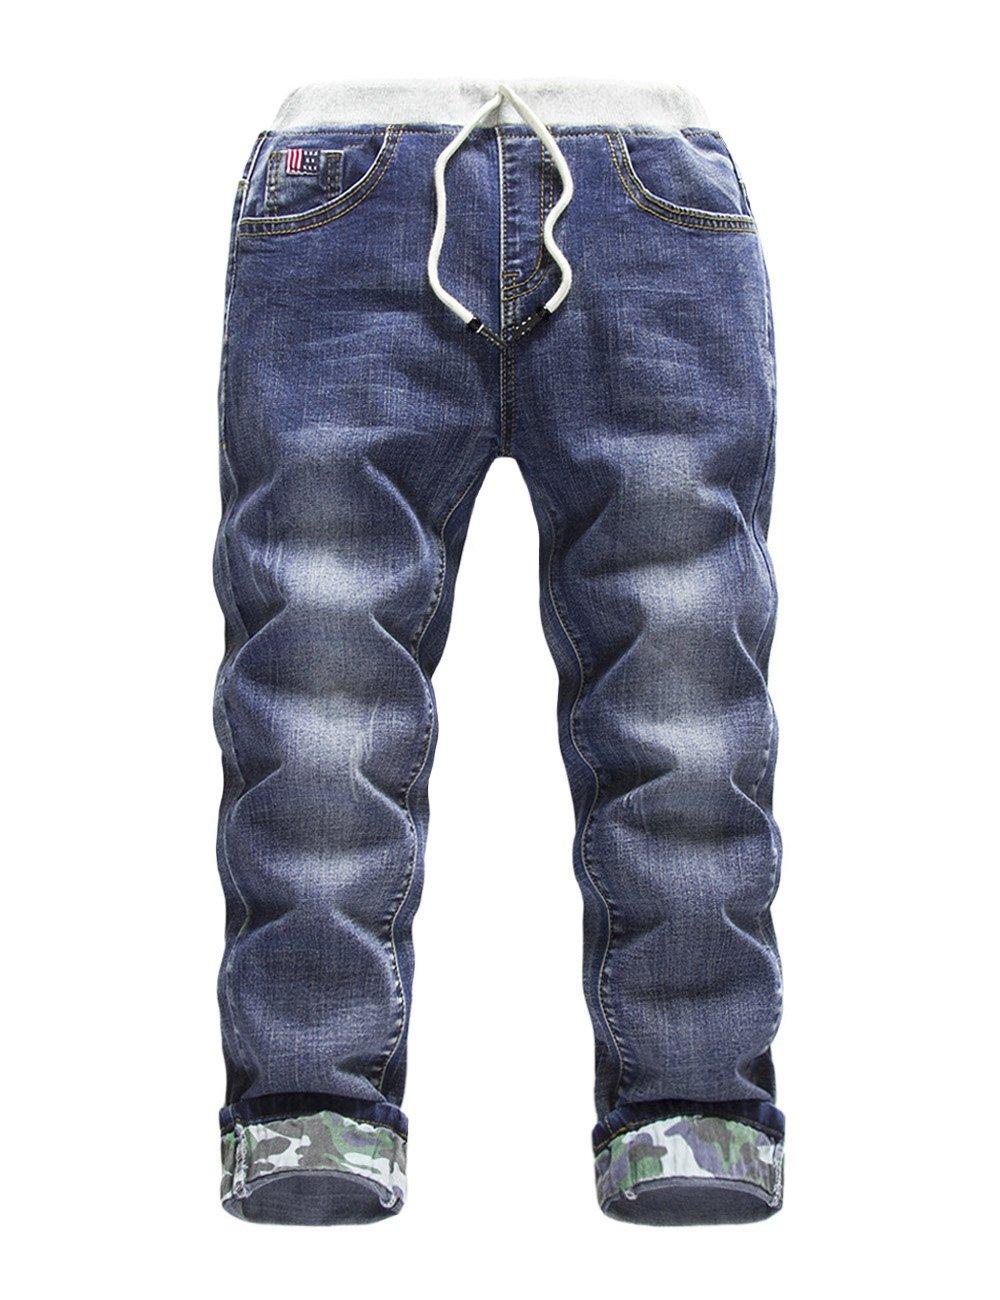 Premium Skinny Boys Jeans Slim Fit Pants Toddlers Kids Teens (6, Camouflage DK)